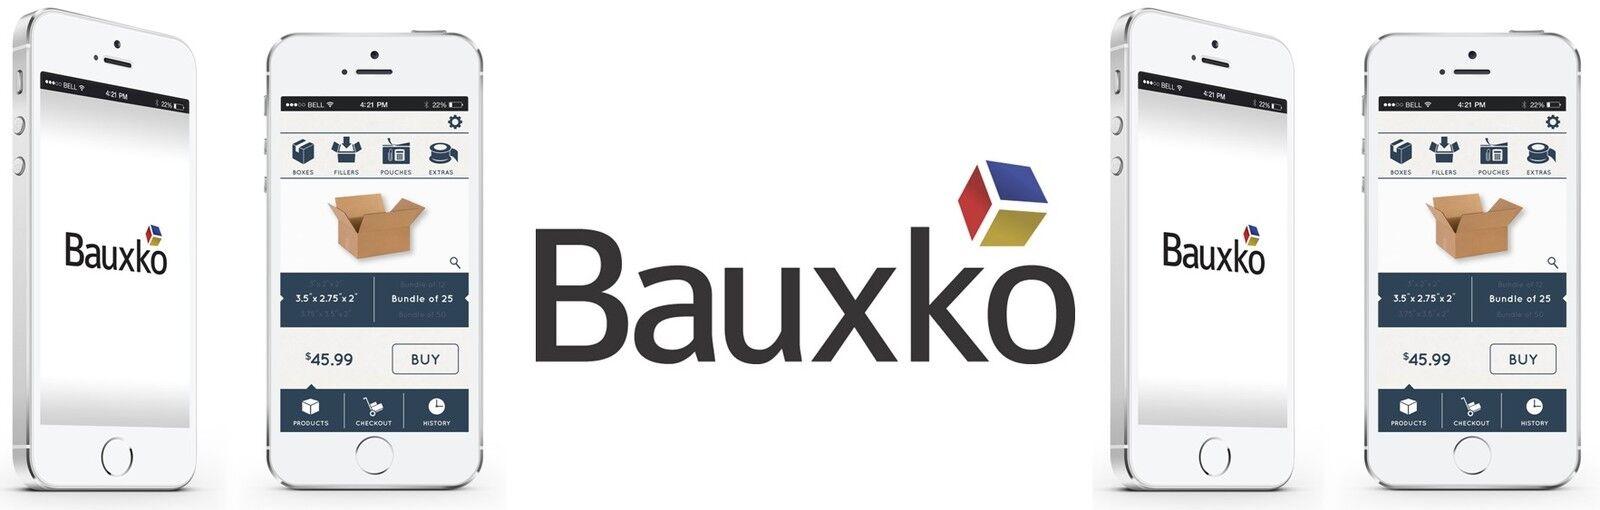 Bauxko